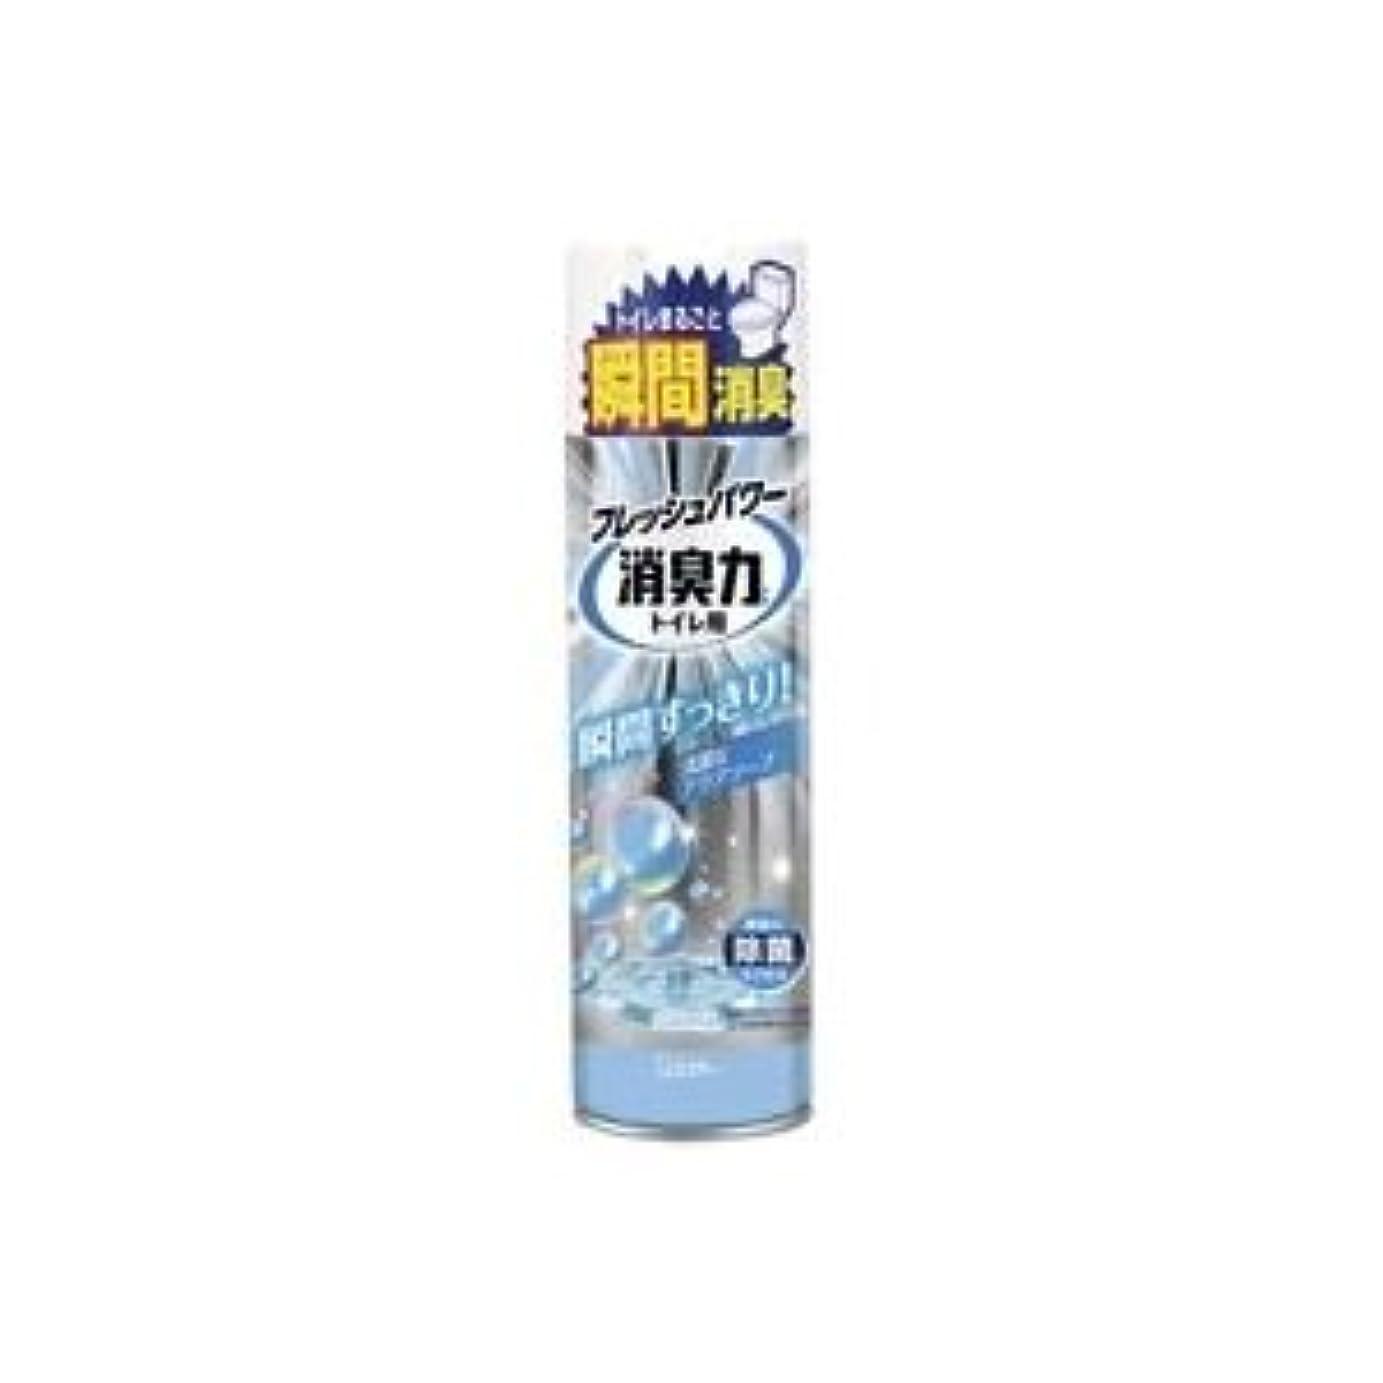 用量弾丸キャンベラ(業務用2セット)エステー トイレの消臭力スプレー アクアソープ 6本 ×2セット ds-1468382